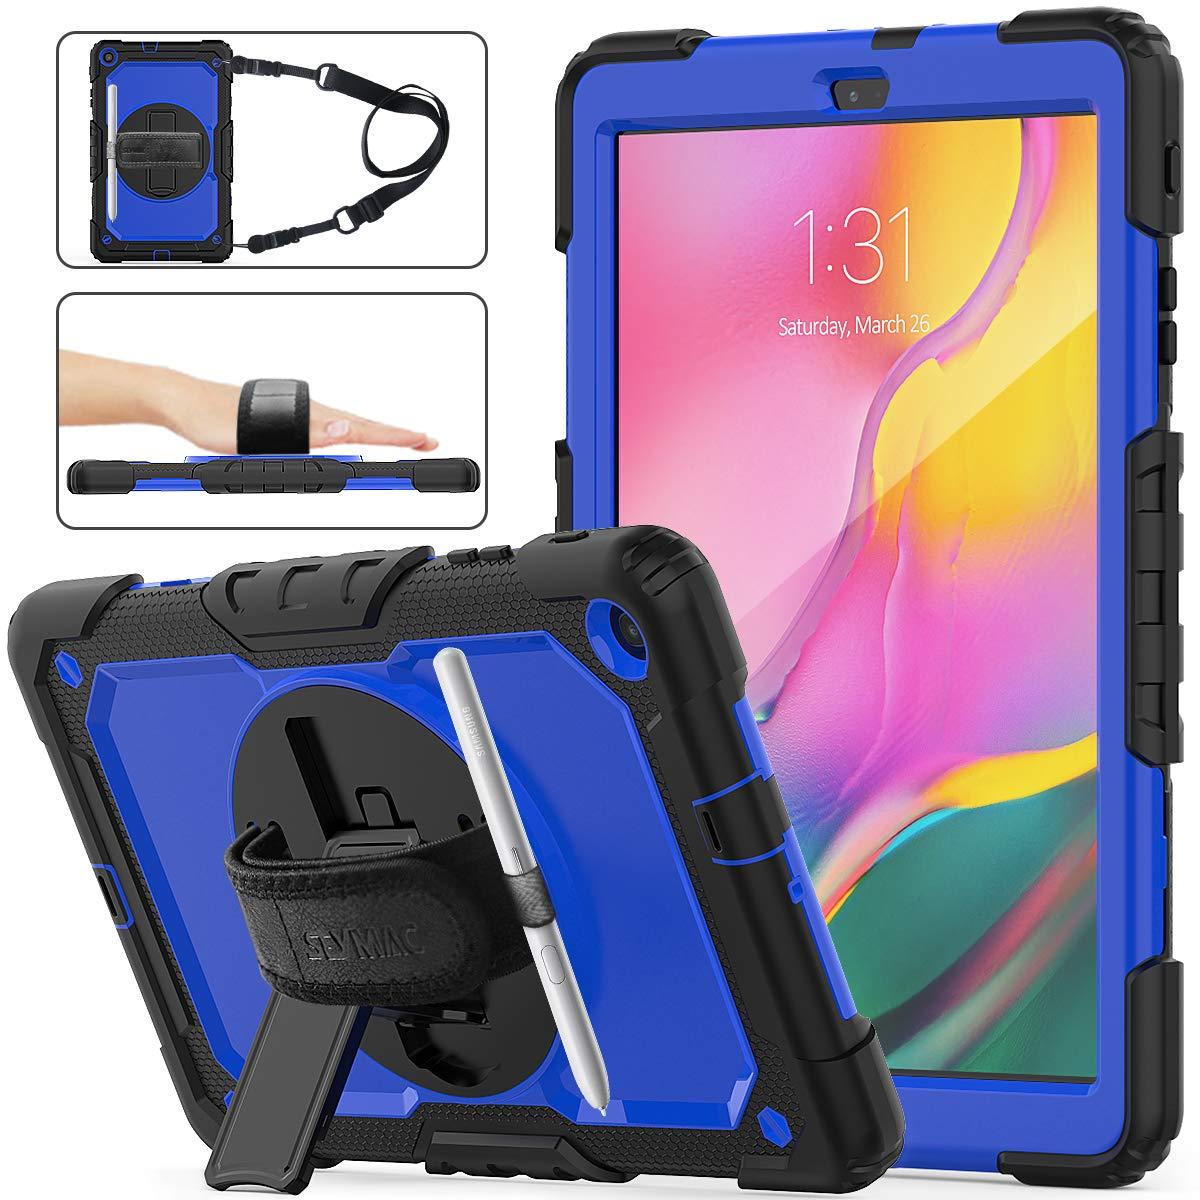 Funda Samsung Galaxy Tab A 10.1 SM-T510 (2019) SEYMAC [7T6KXHN7]